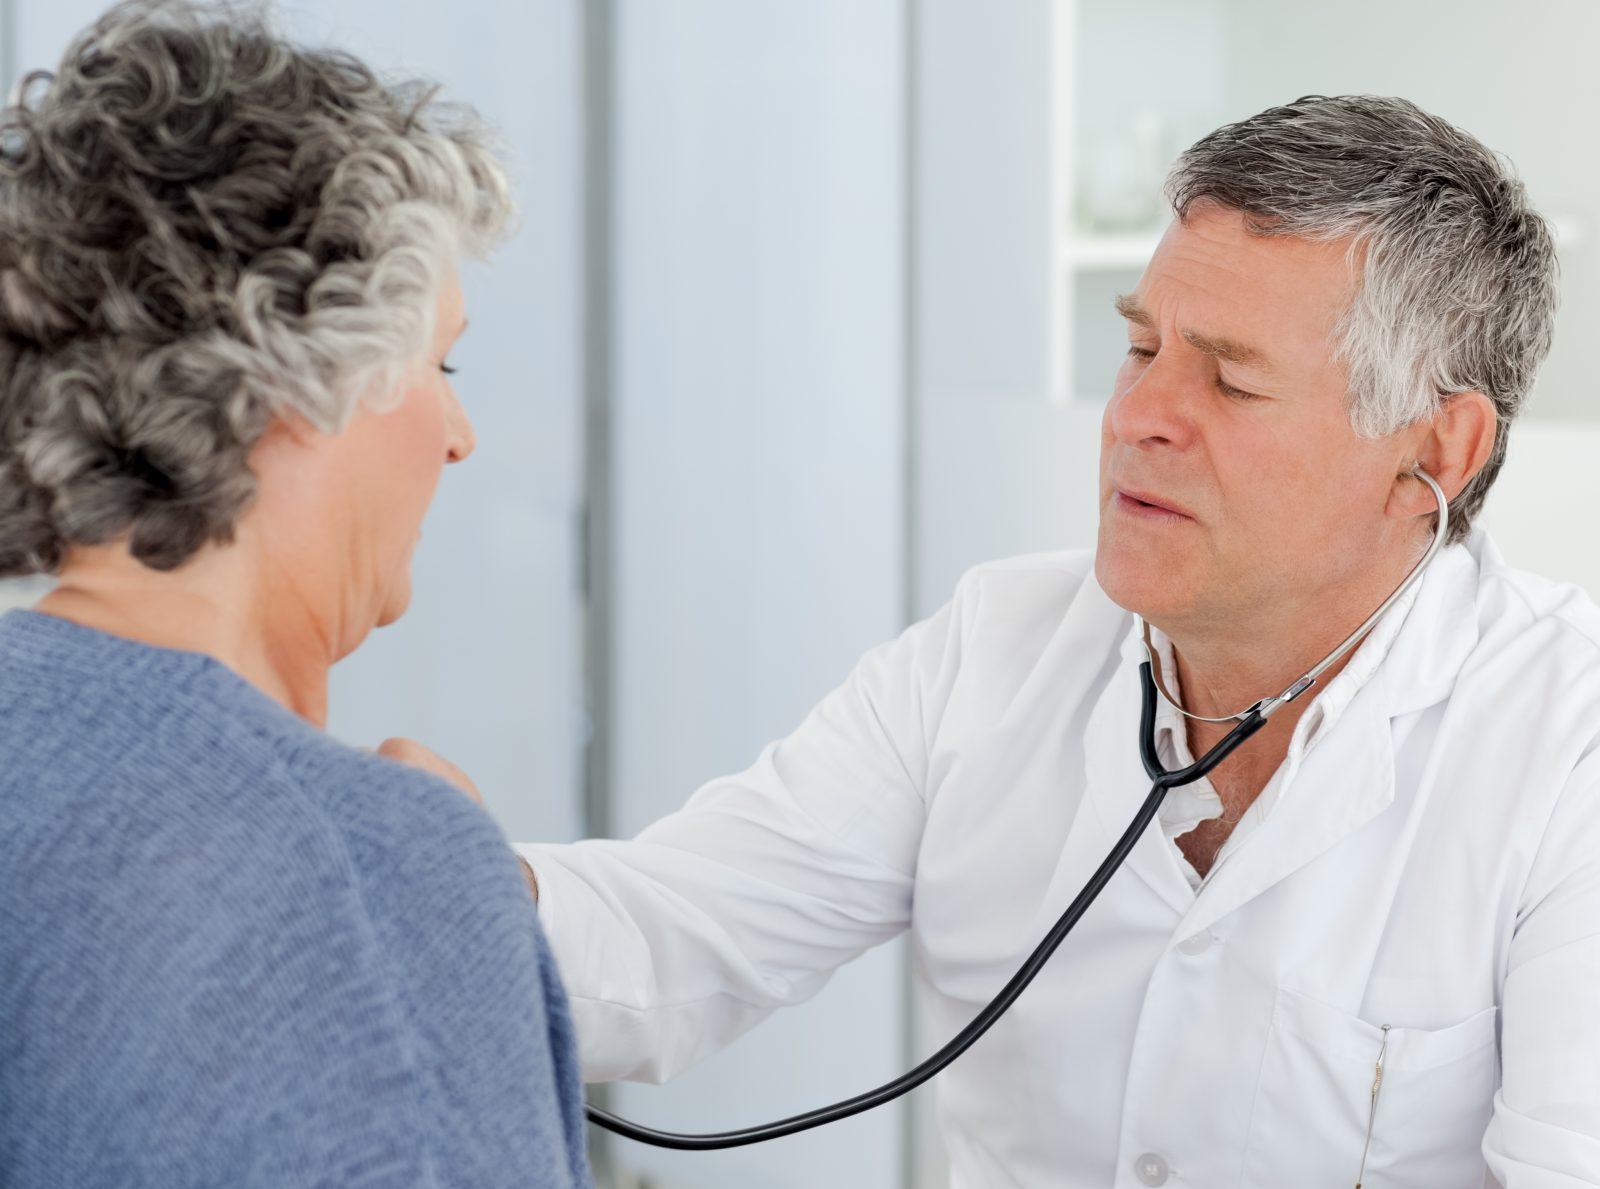 21 000 personnes à la recherche d'un médecin de famille